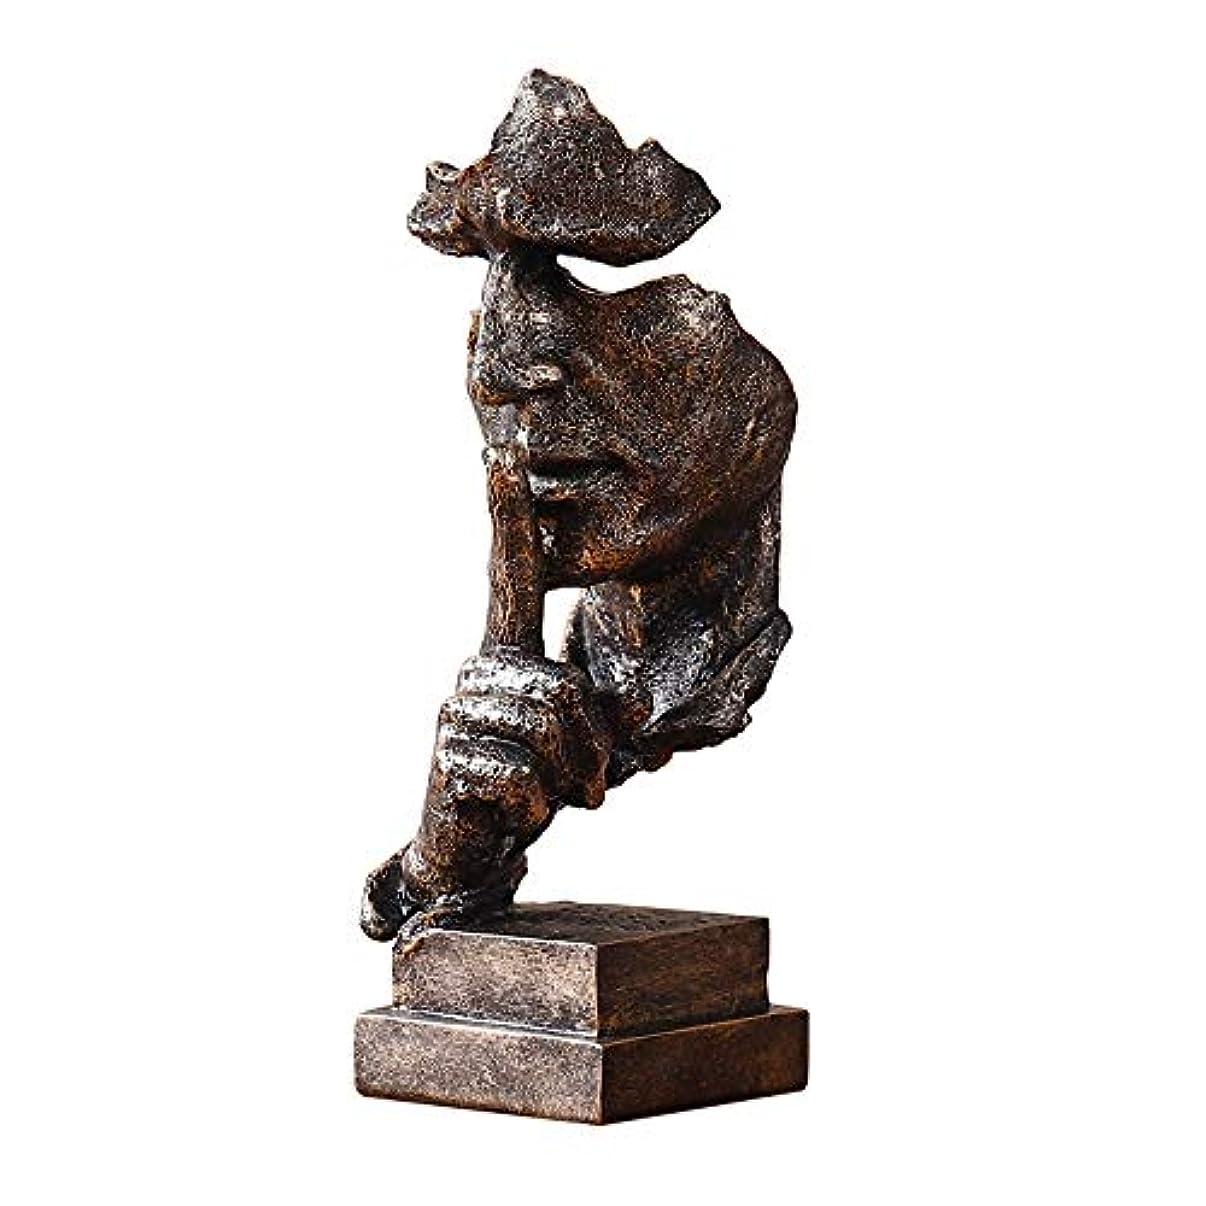 プロテスタントラウンジ調和樹脂抽象彫刻沈黙はゴールデン男性像キャラクター工芸品装飾用オフィスリビングルームアートワーク,Bronze